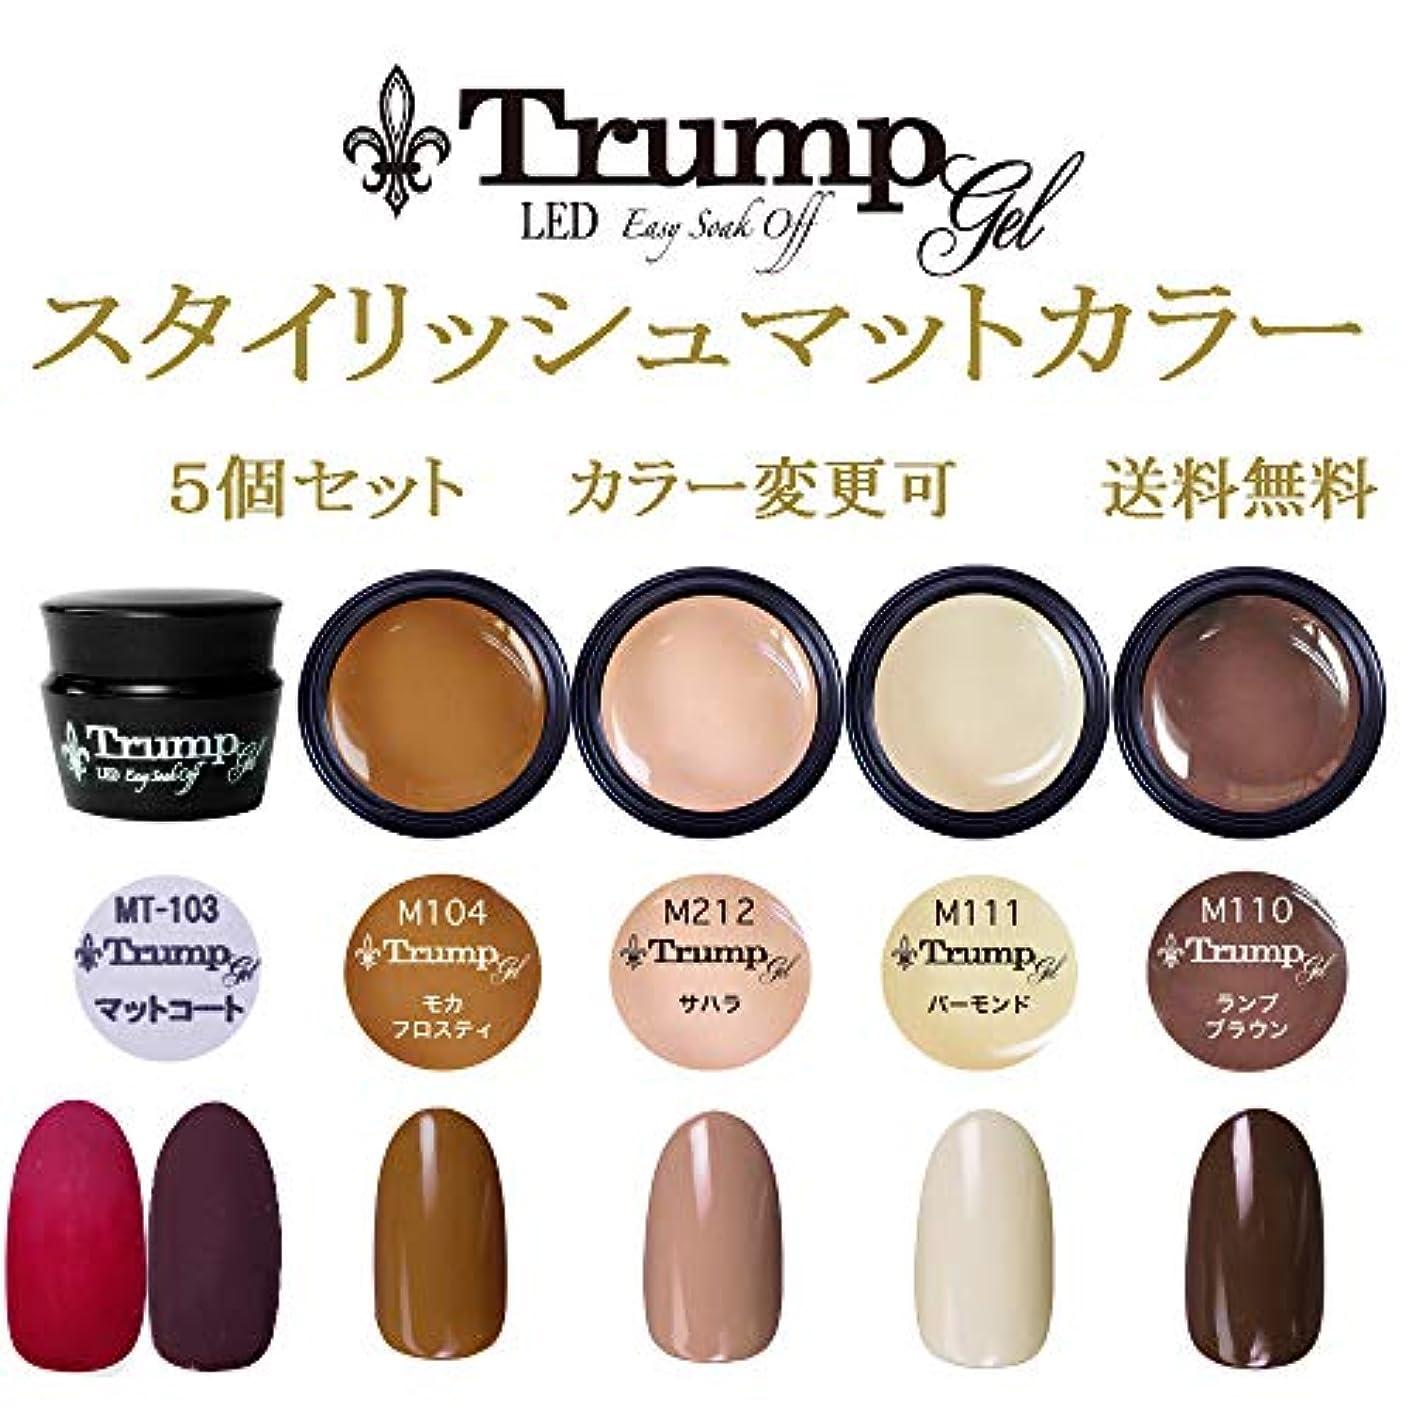 マッサージ調整可能評決【送料無料】日本製 Trump gel トランプジェル スタイリッシュマットカラージェル5個セット 5個セット マットカラー ベージュ ブラウン マスタード カラー